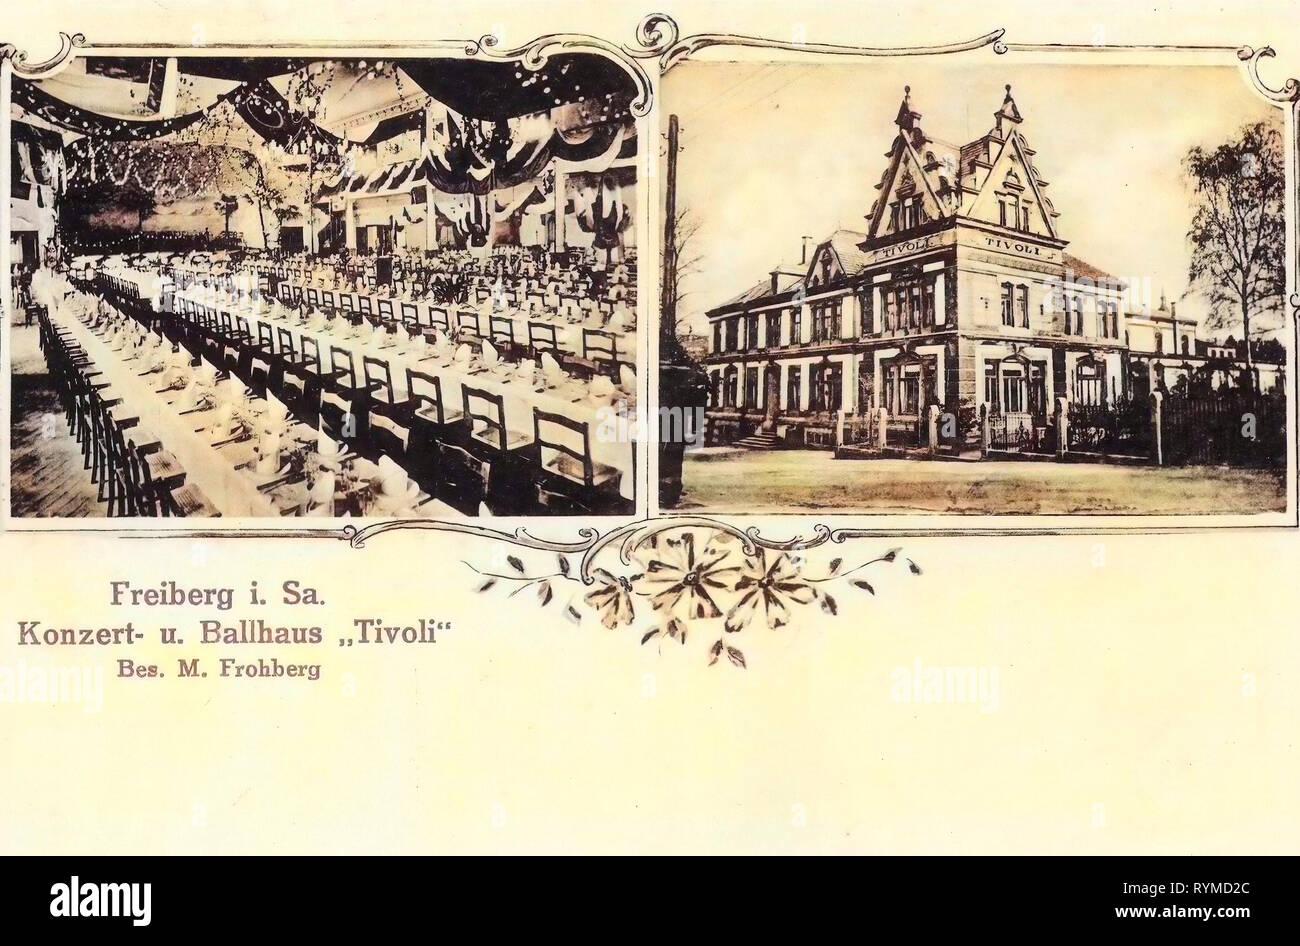 Dining rooms in Germany, 1906, Landkreis Mittelsachsen, Freiberg, Concert, und Ballhaus Tivoli Innen, und Außenansicht - Stock Image